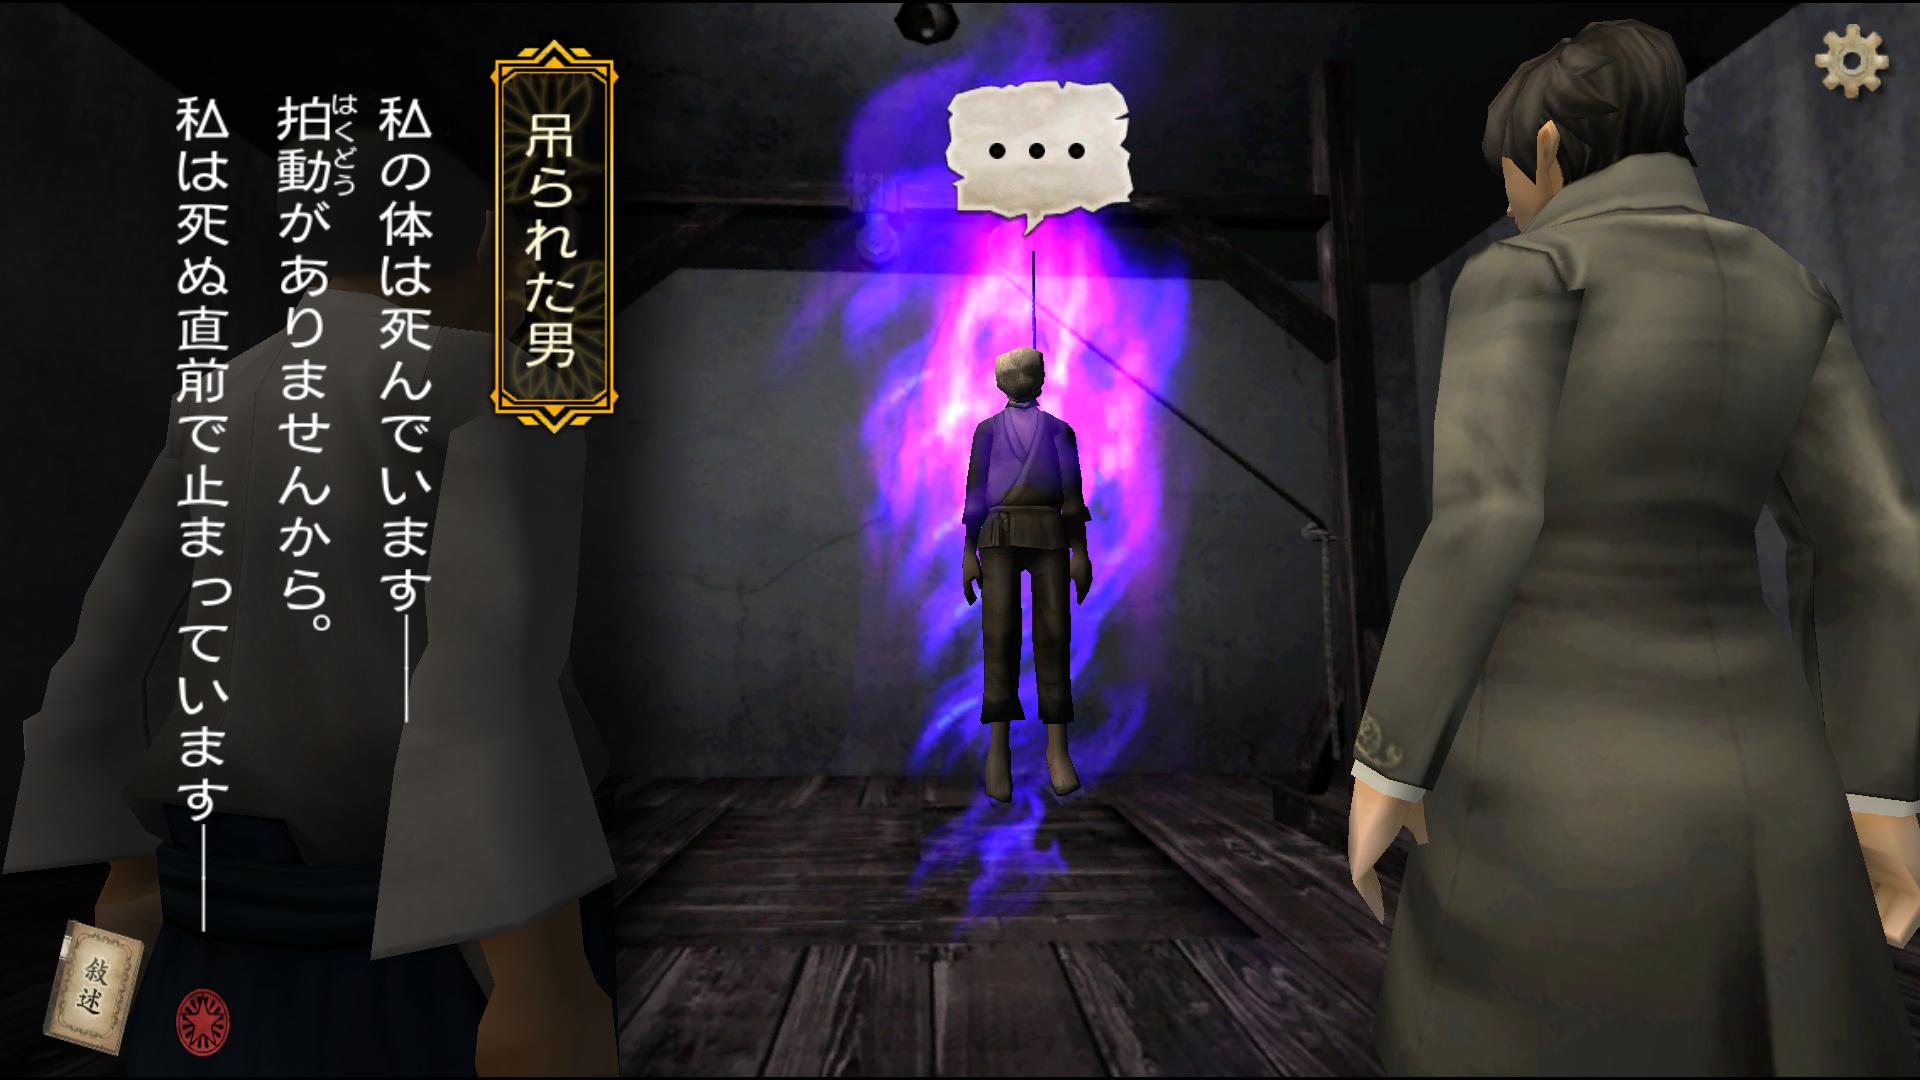 デモンズゲート -帝都審神大戦- androidアプリスクリーンショット2